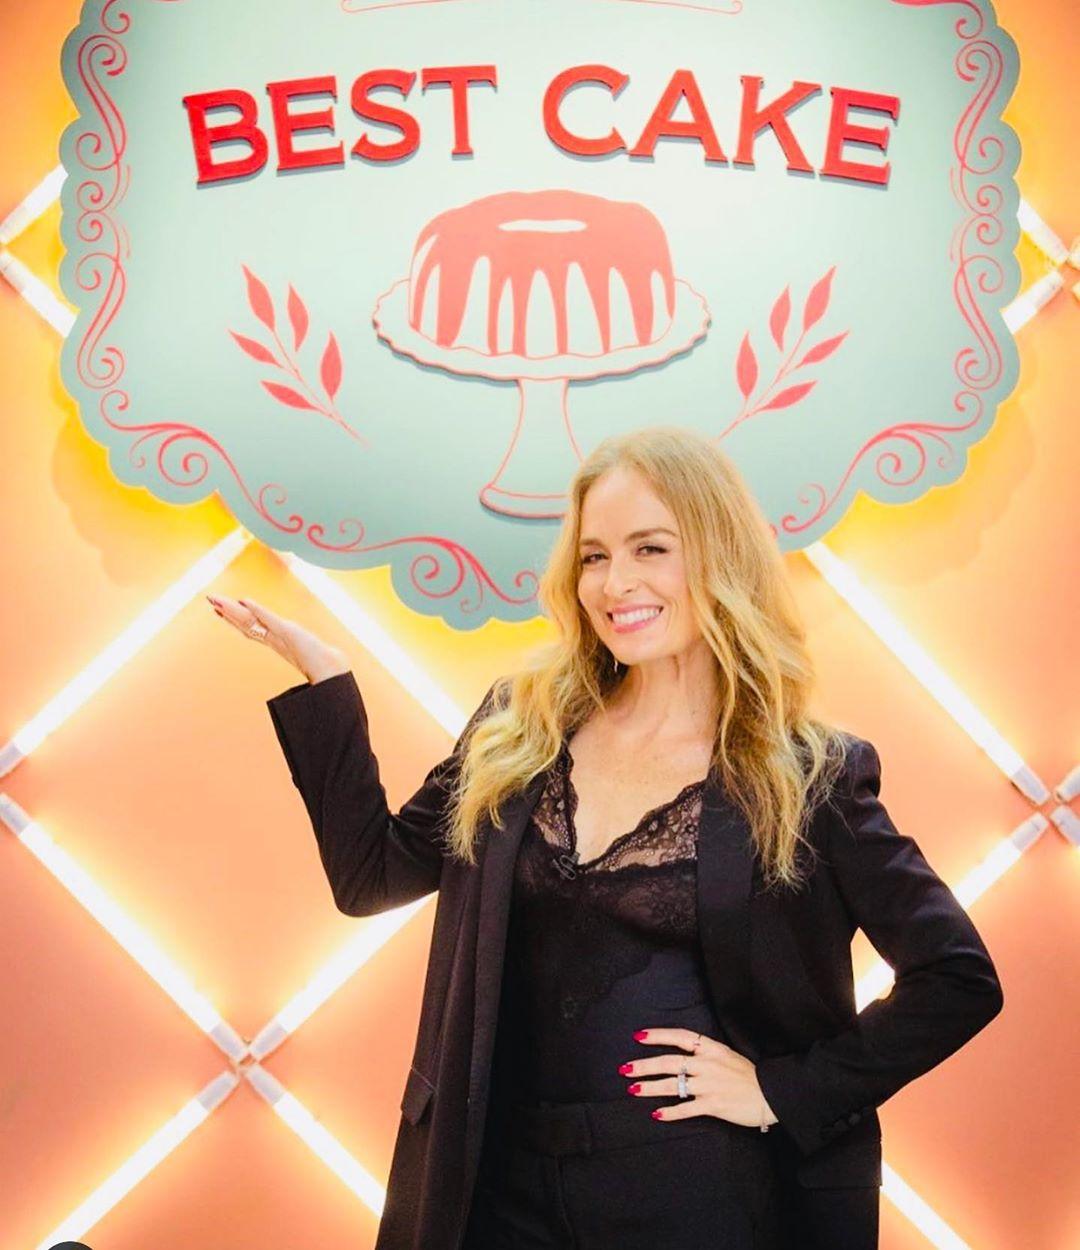 Angélica globo no reality show fictício Best Cake, de A Dona do Pedaço (Foto: Reprodução/Instagram)